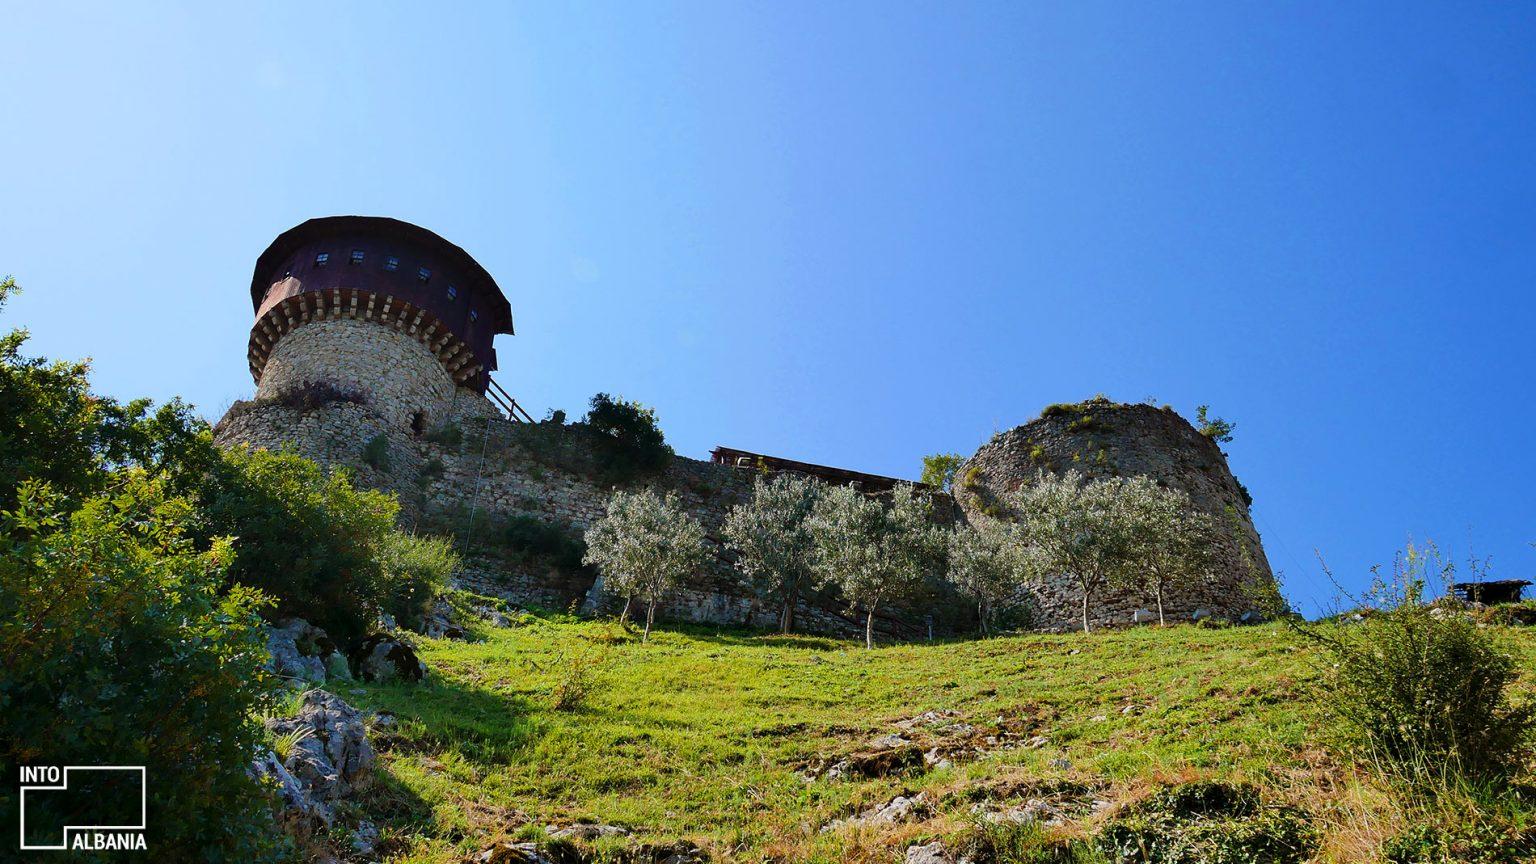 Kalaja e Petrelës në një kodër shkëmbore, Tiranë, foto nga IntoAlbania